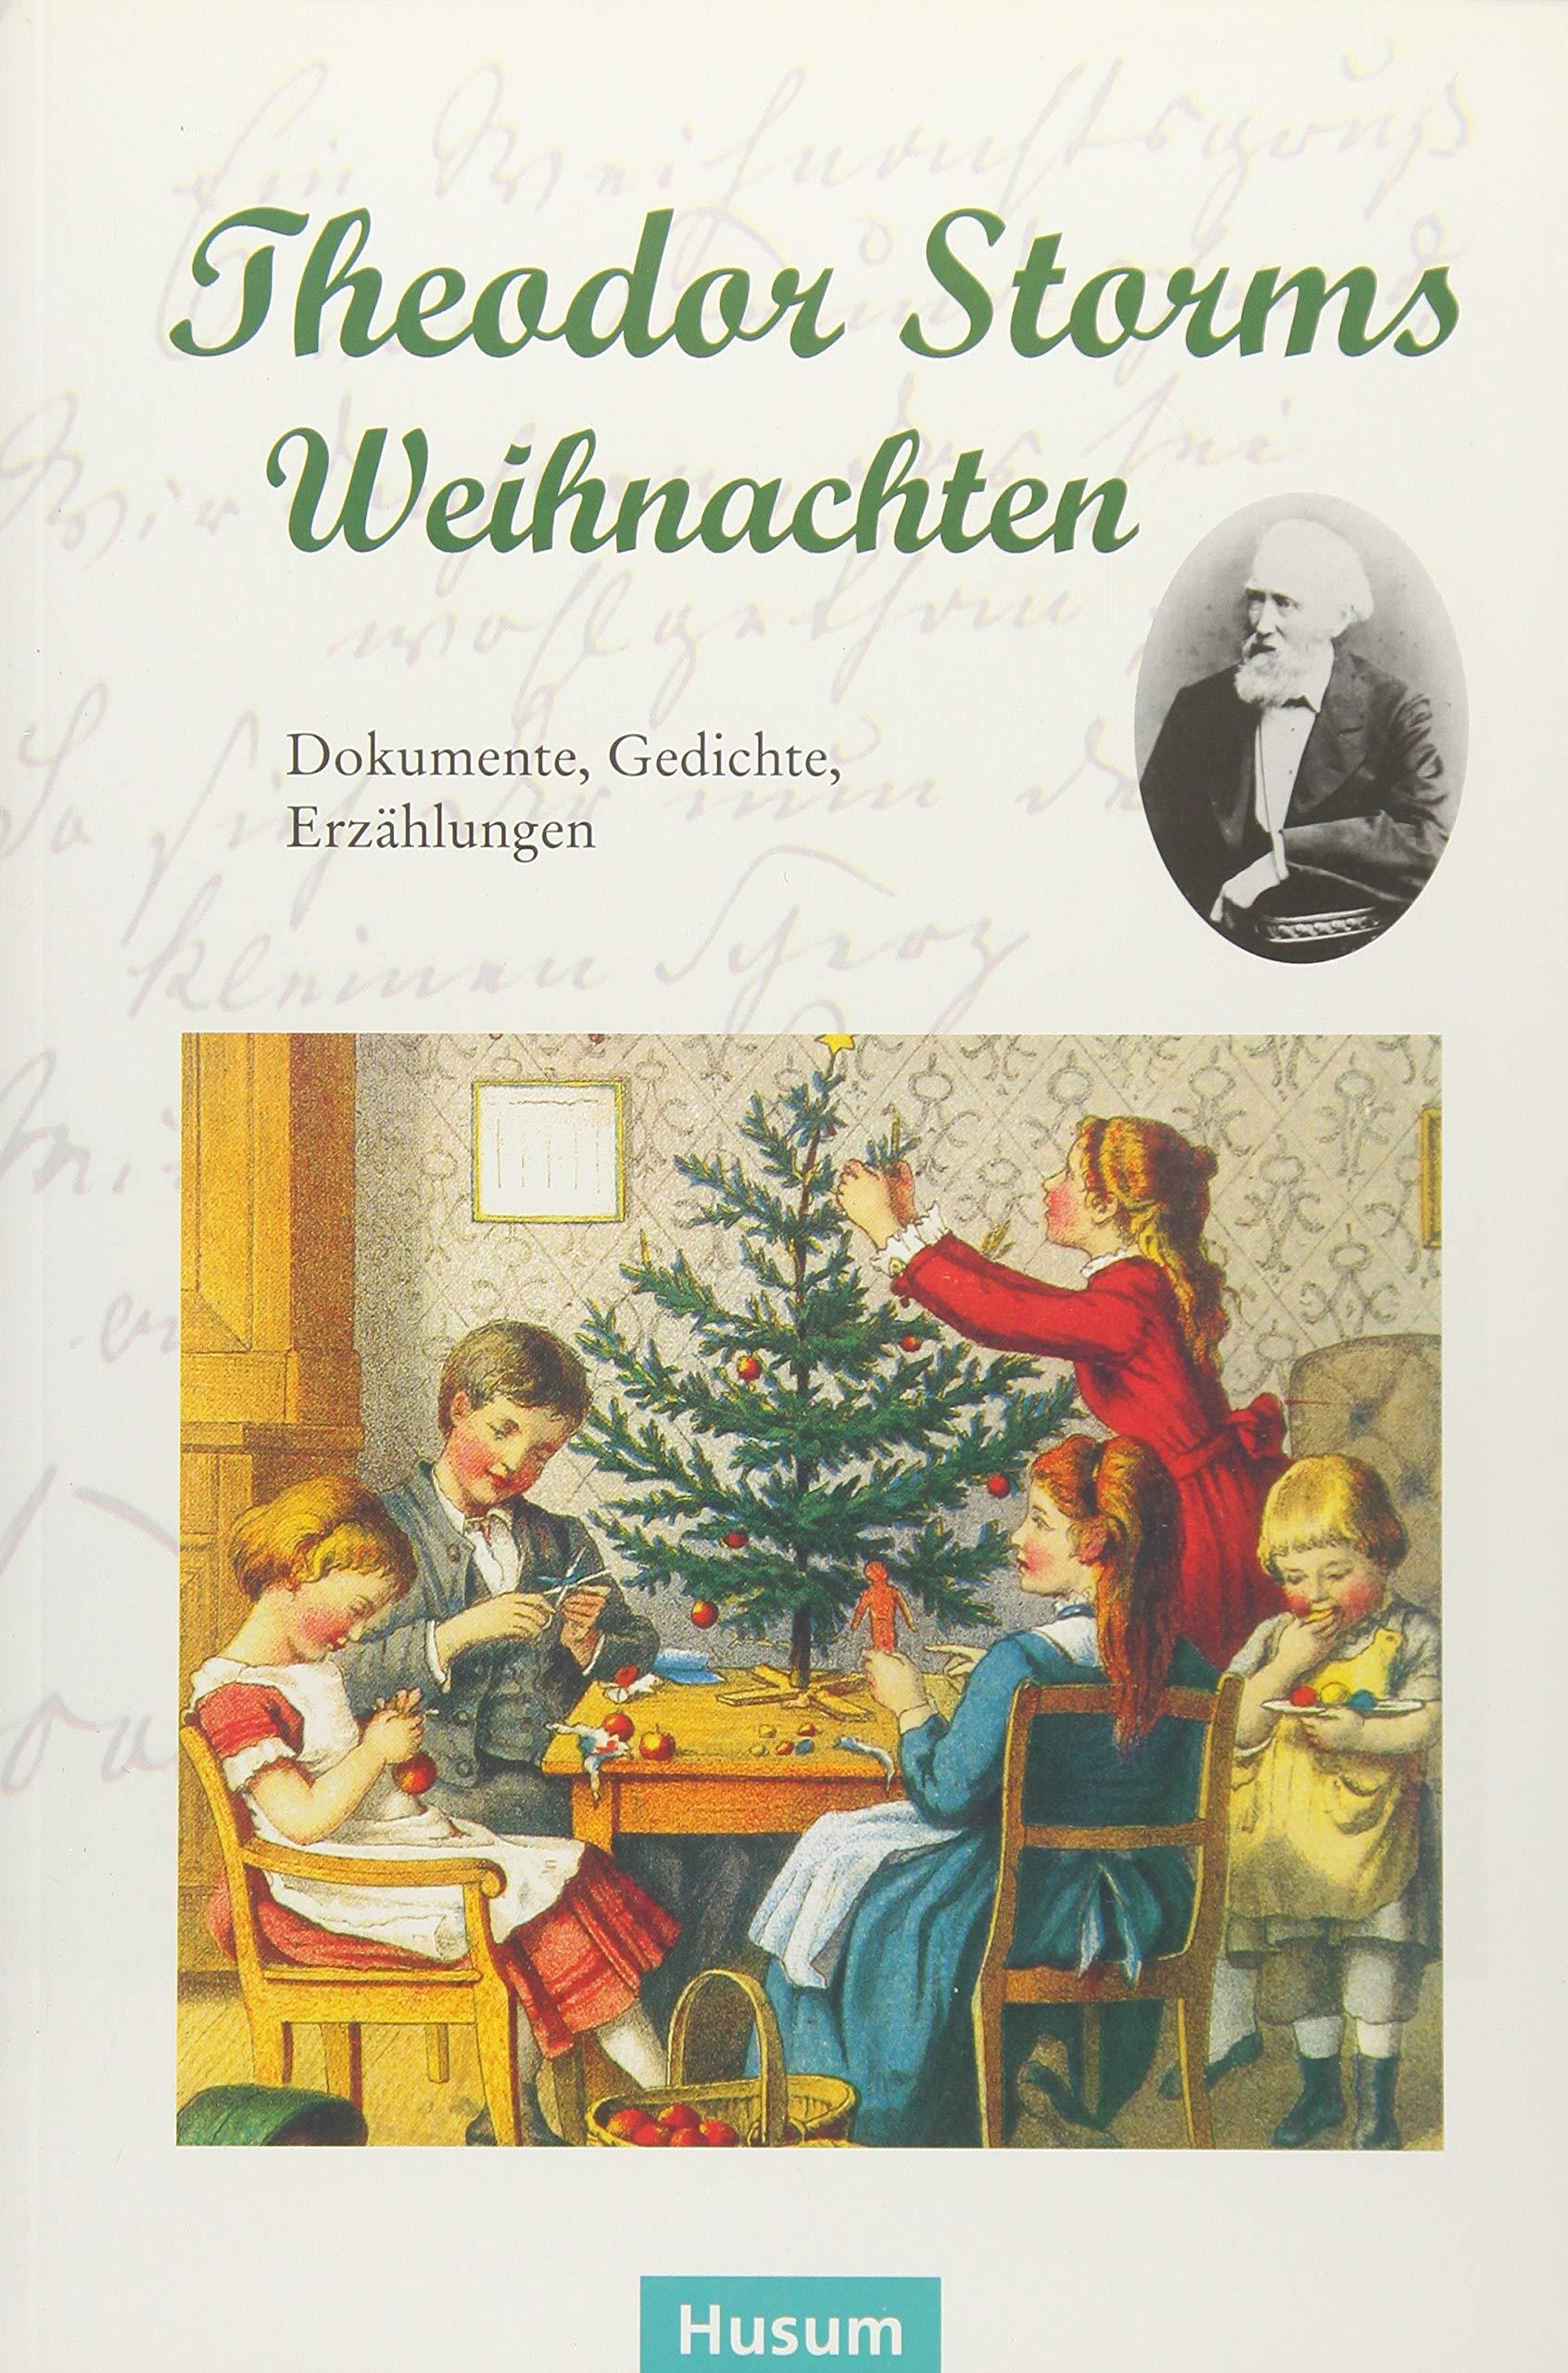 Theodor Storms Weihnachten Dokumente Gedichte Erzählungen